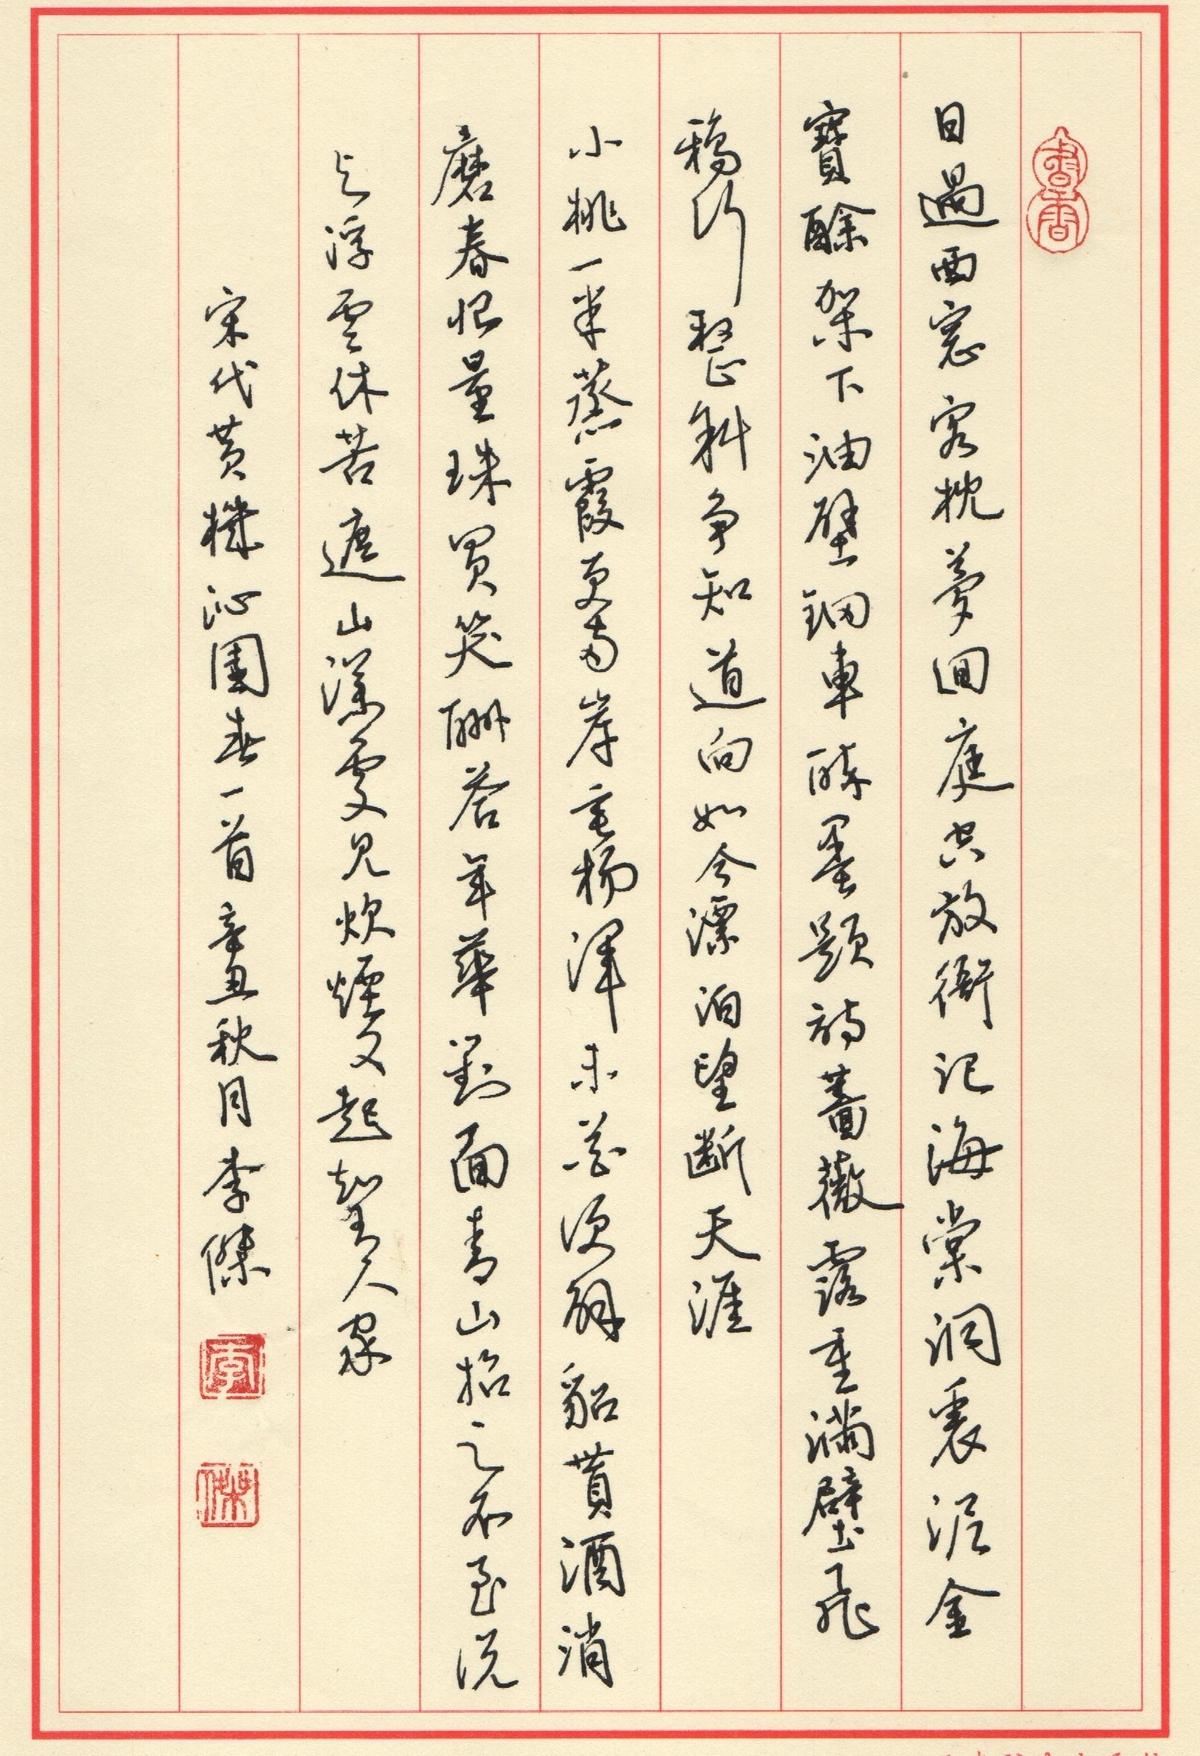 蔡师点评:黄机《沁园春》钢笔字练字打卡作业欣赏19